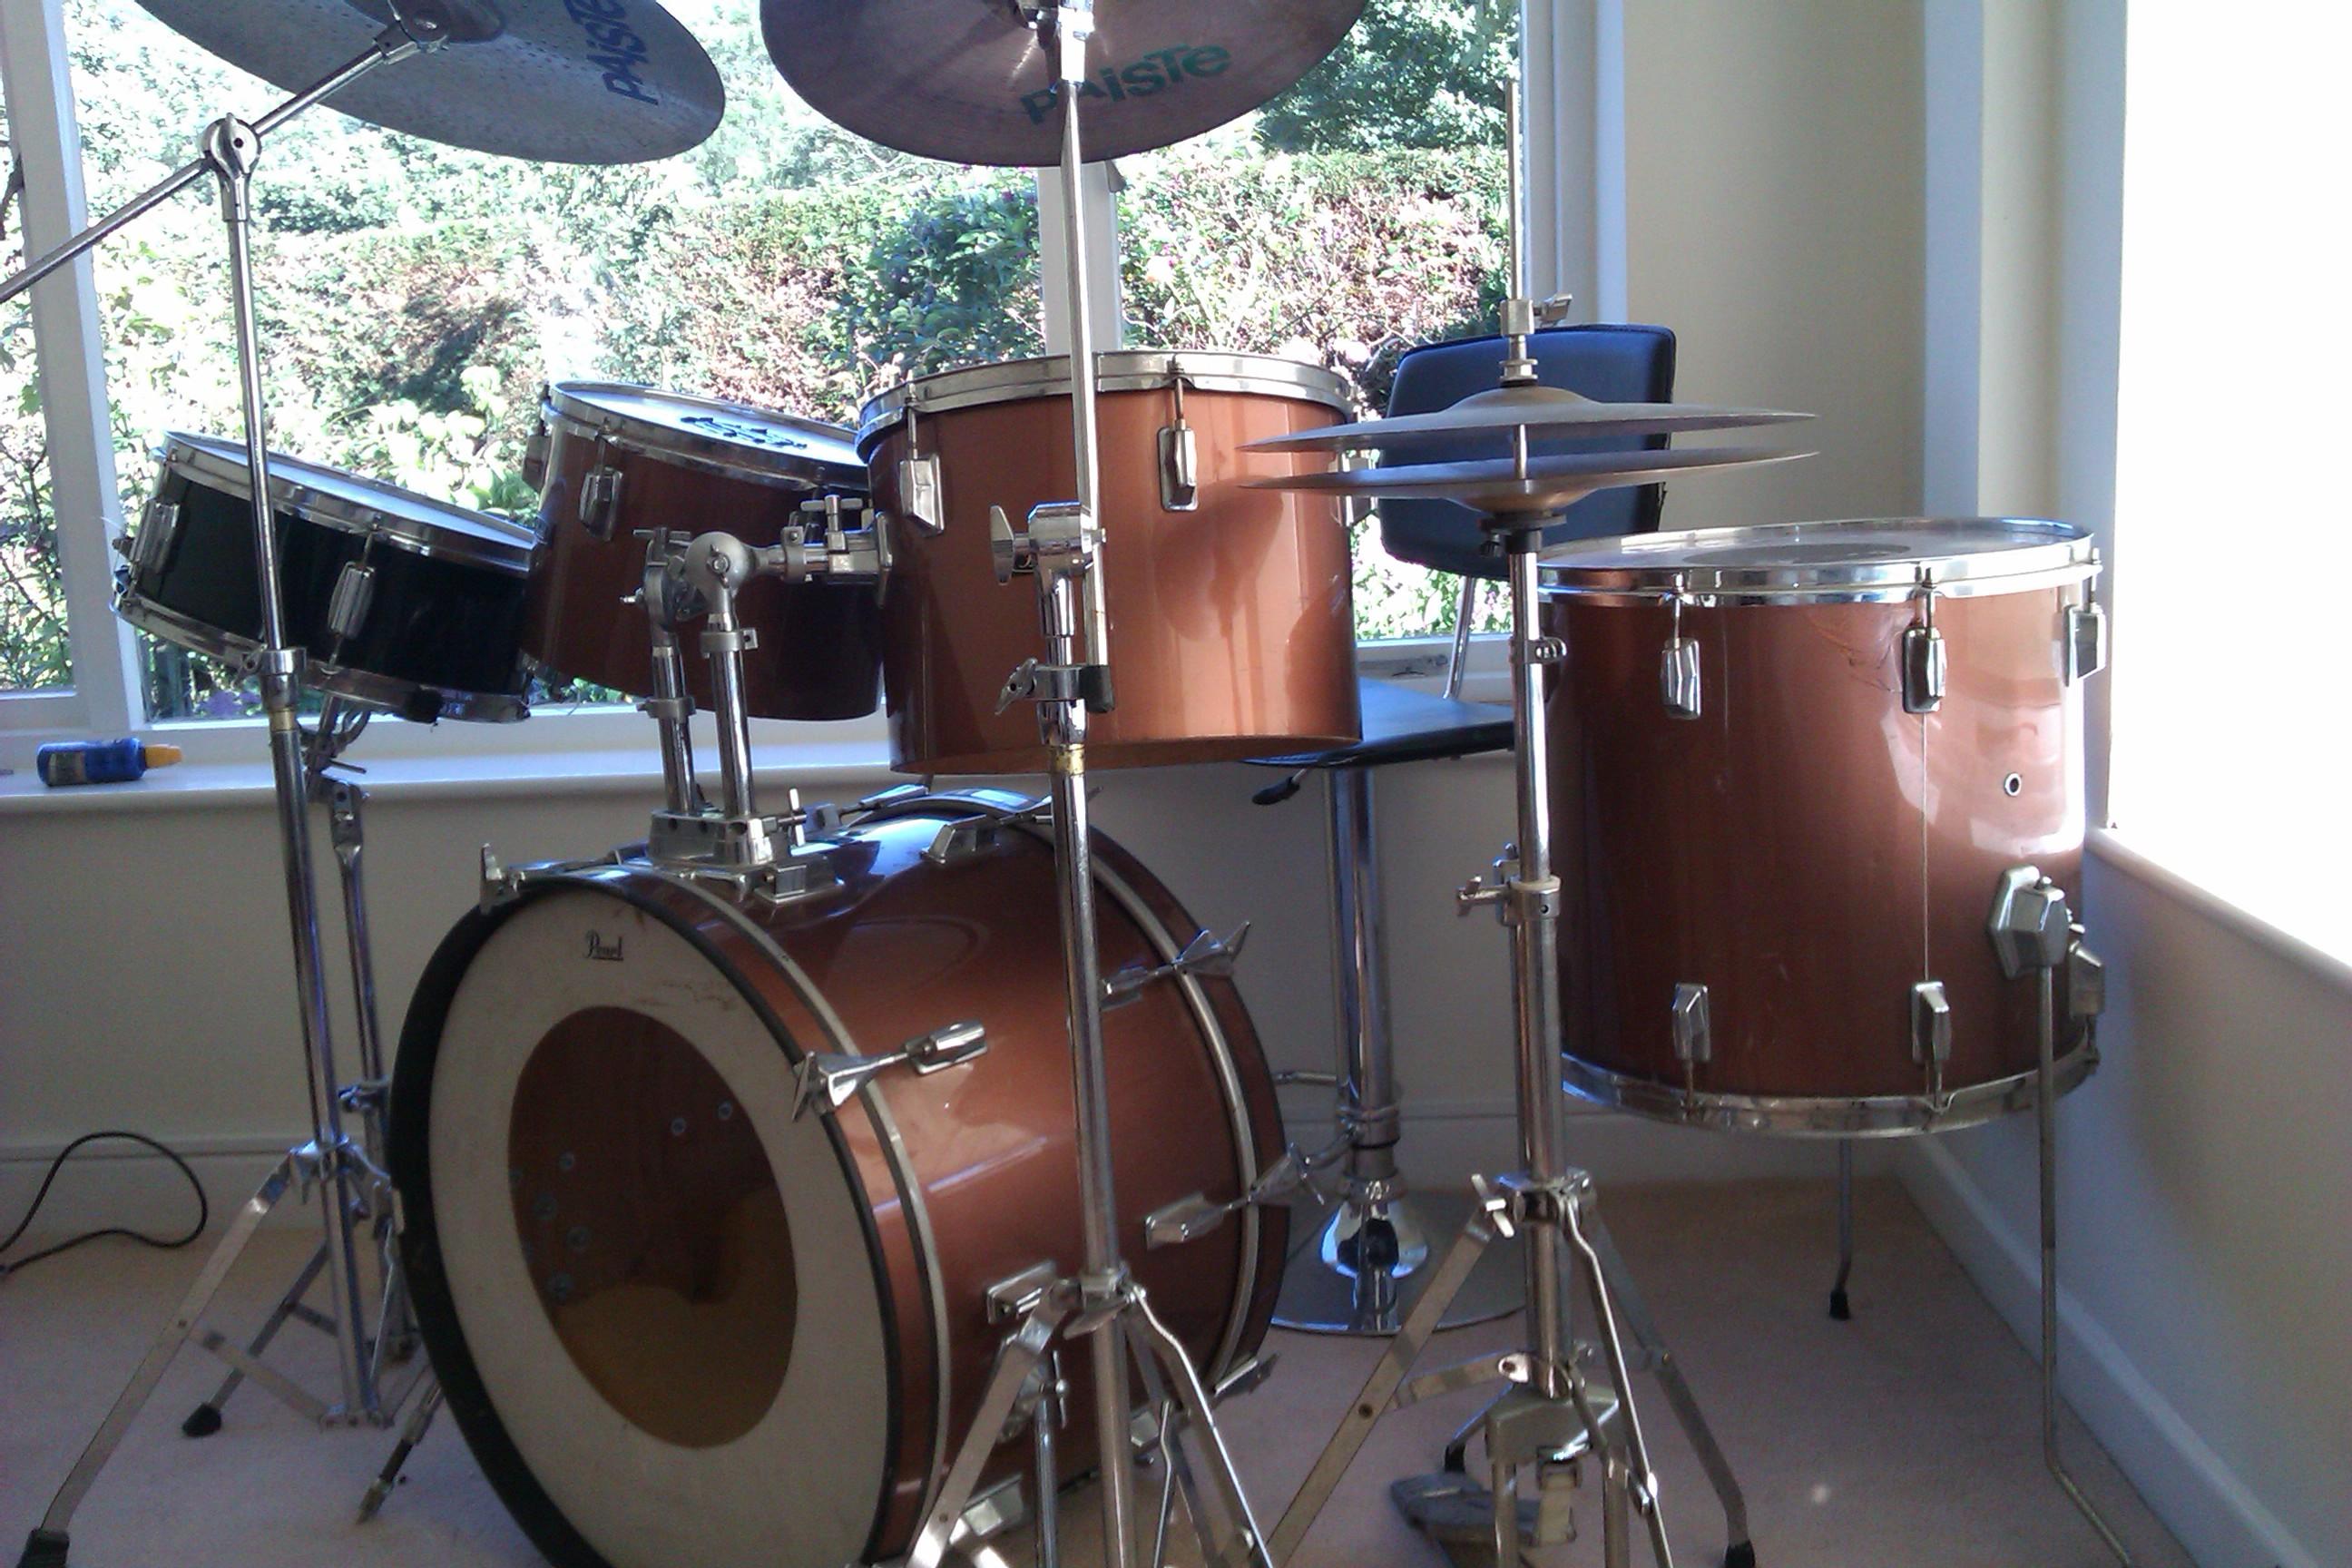 Help Me Identify My Old Pearl Drum Kit! Please!